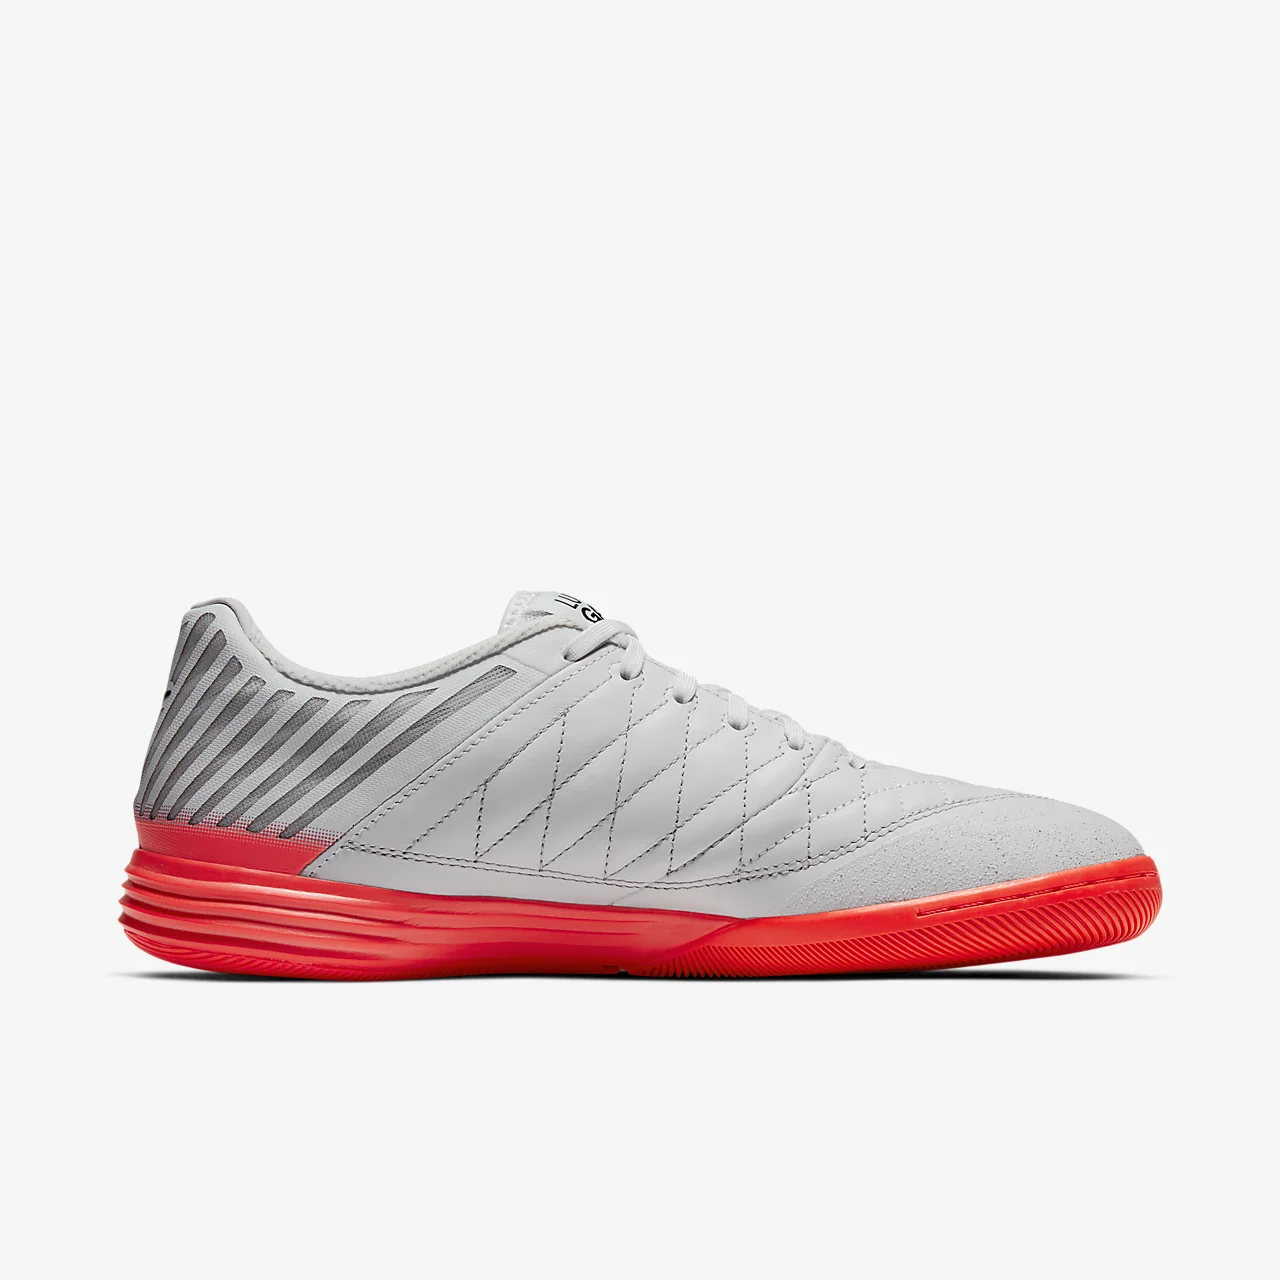 유럽직배송 나이키 NIKE Nike Lunar Gato II IC Indoor Court Football Shoe 580456-060